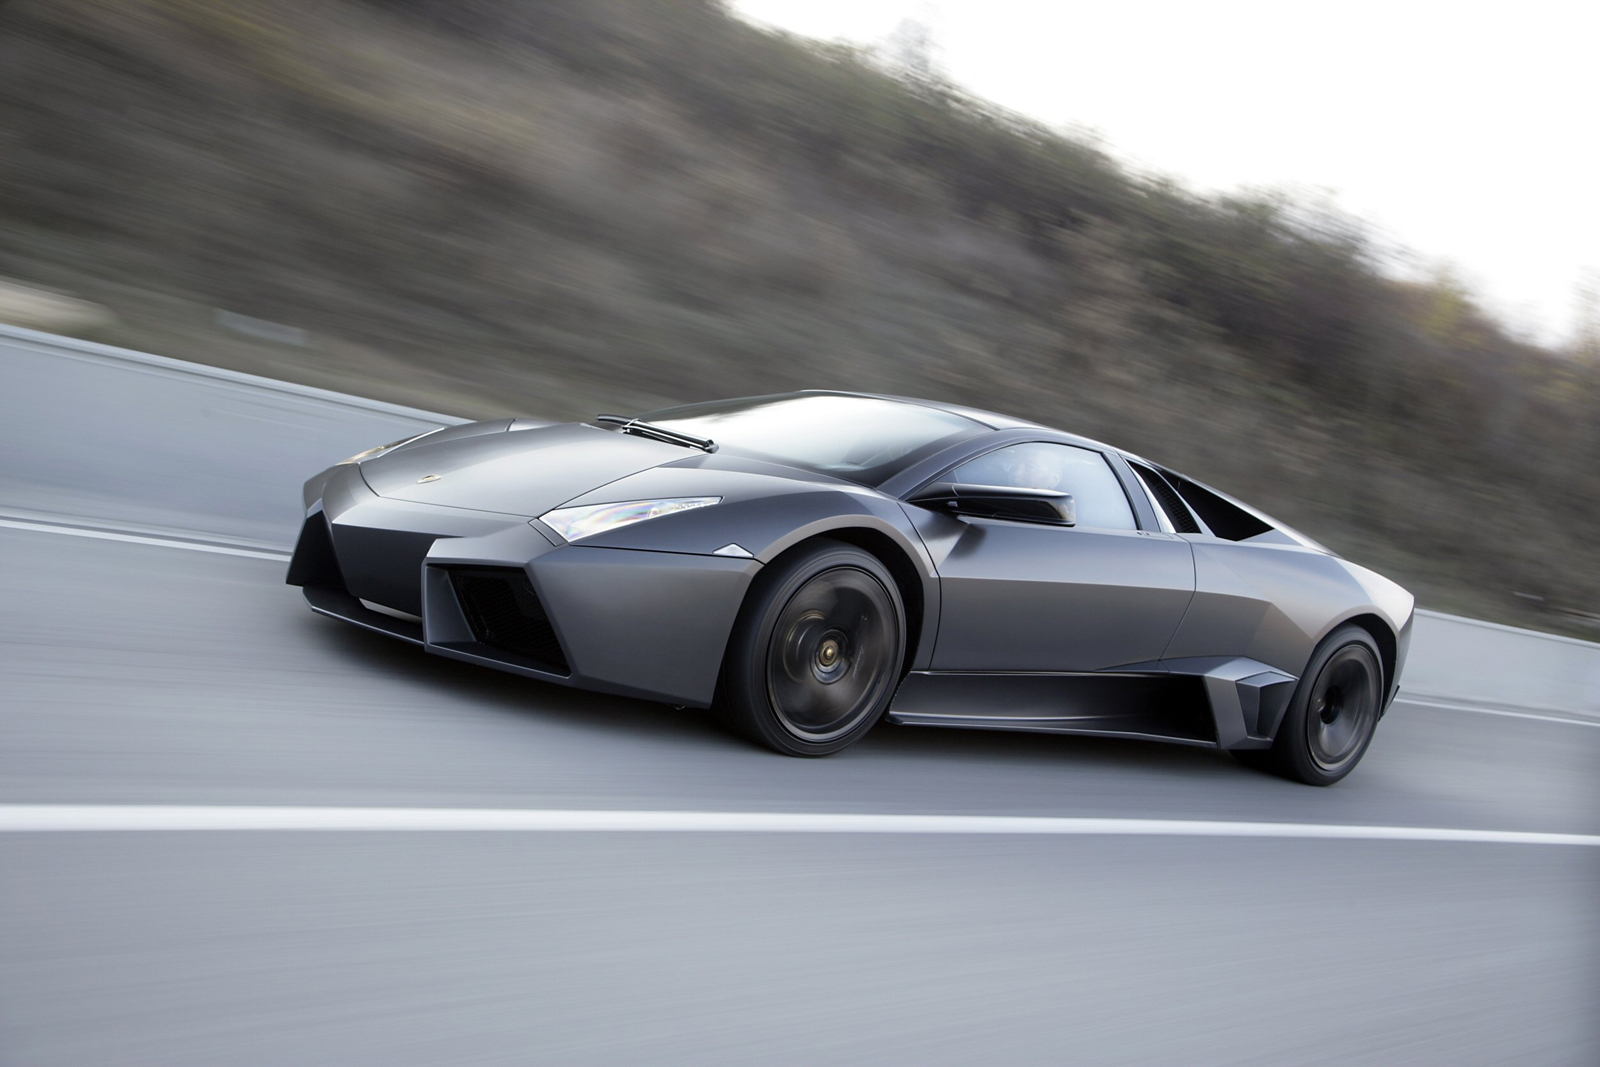 Lamborghini выбирает новый Алмаз черный Zircotec покрытия для Reventón - фотография №1